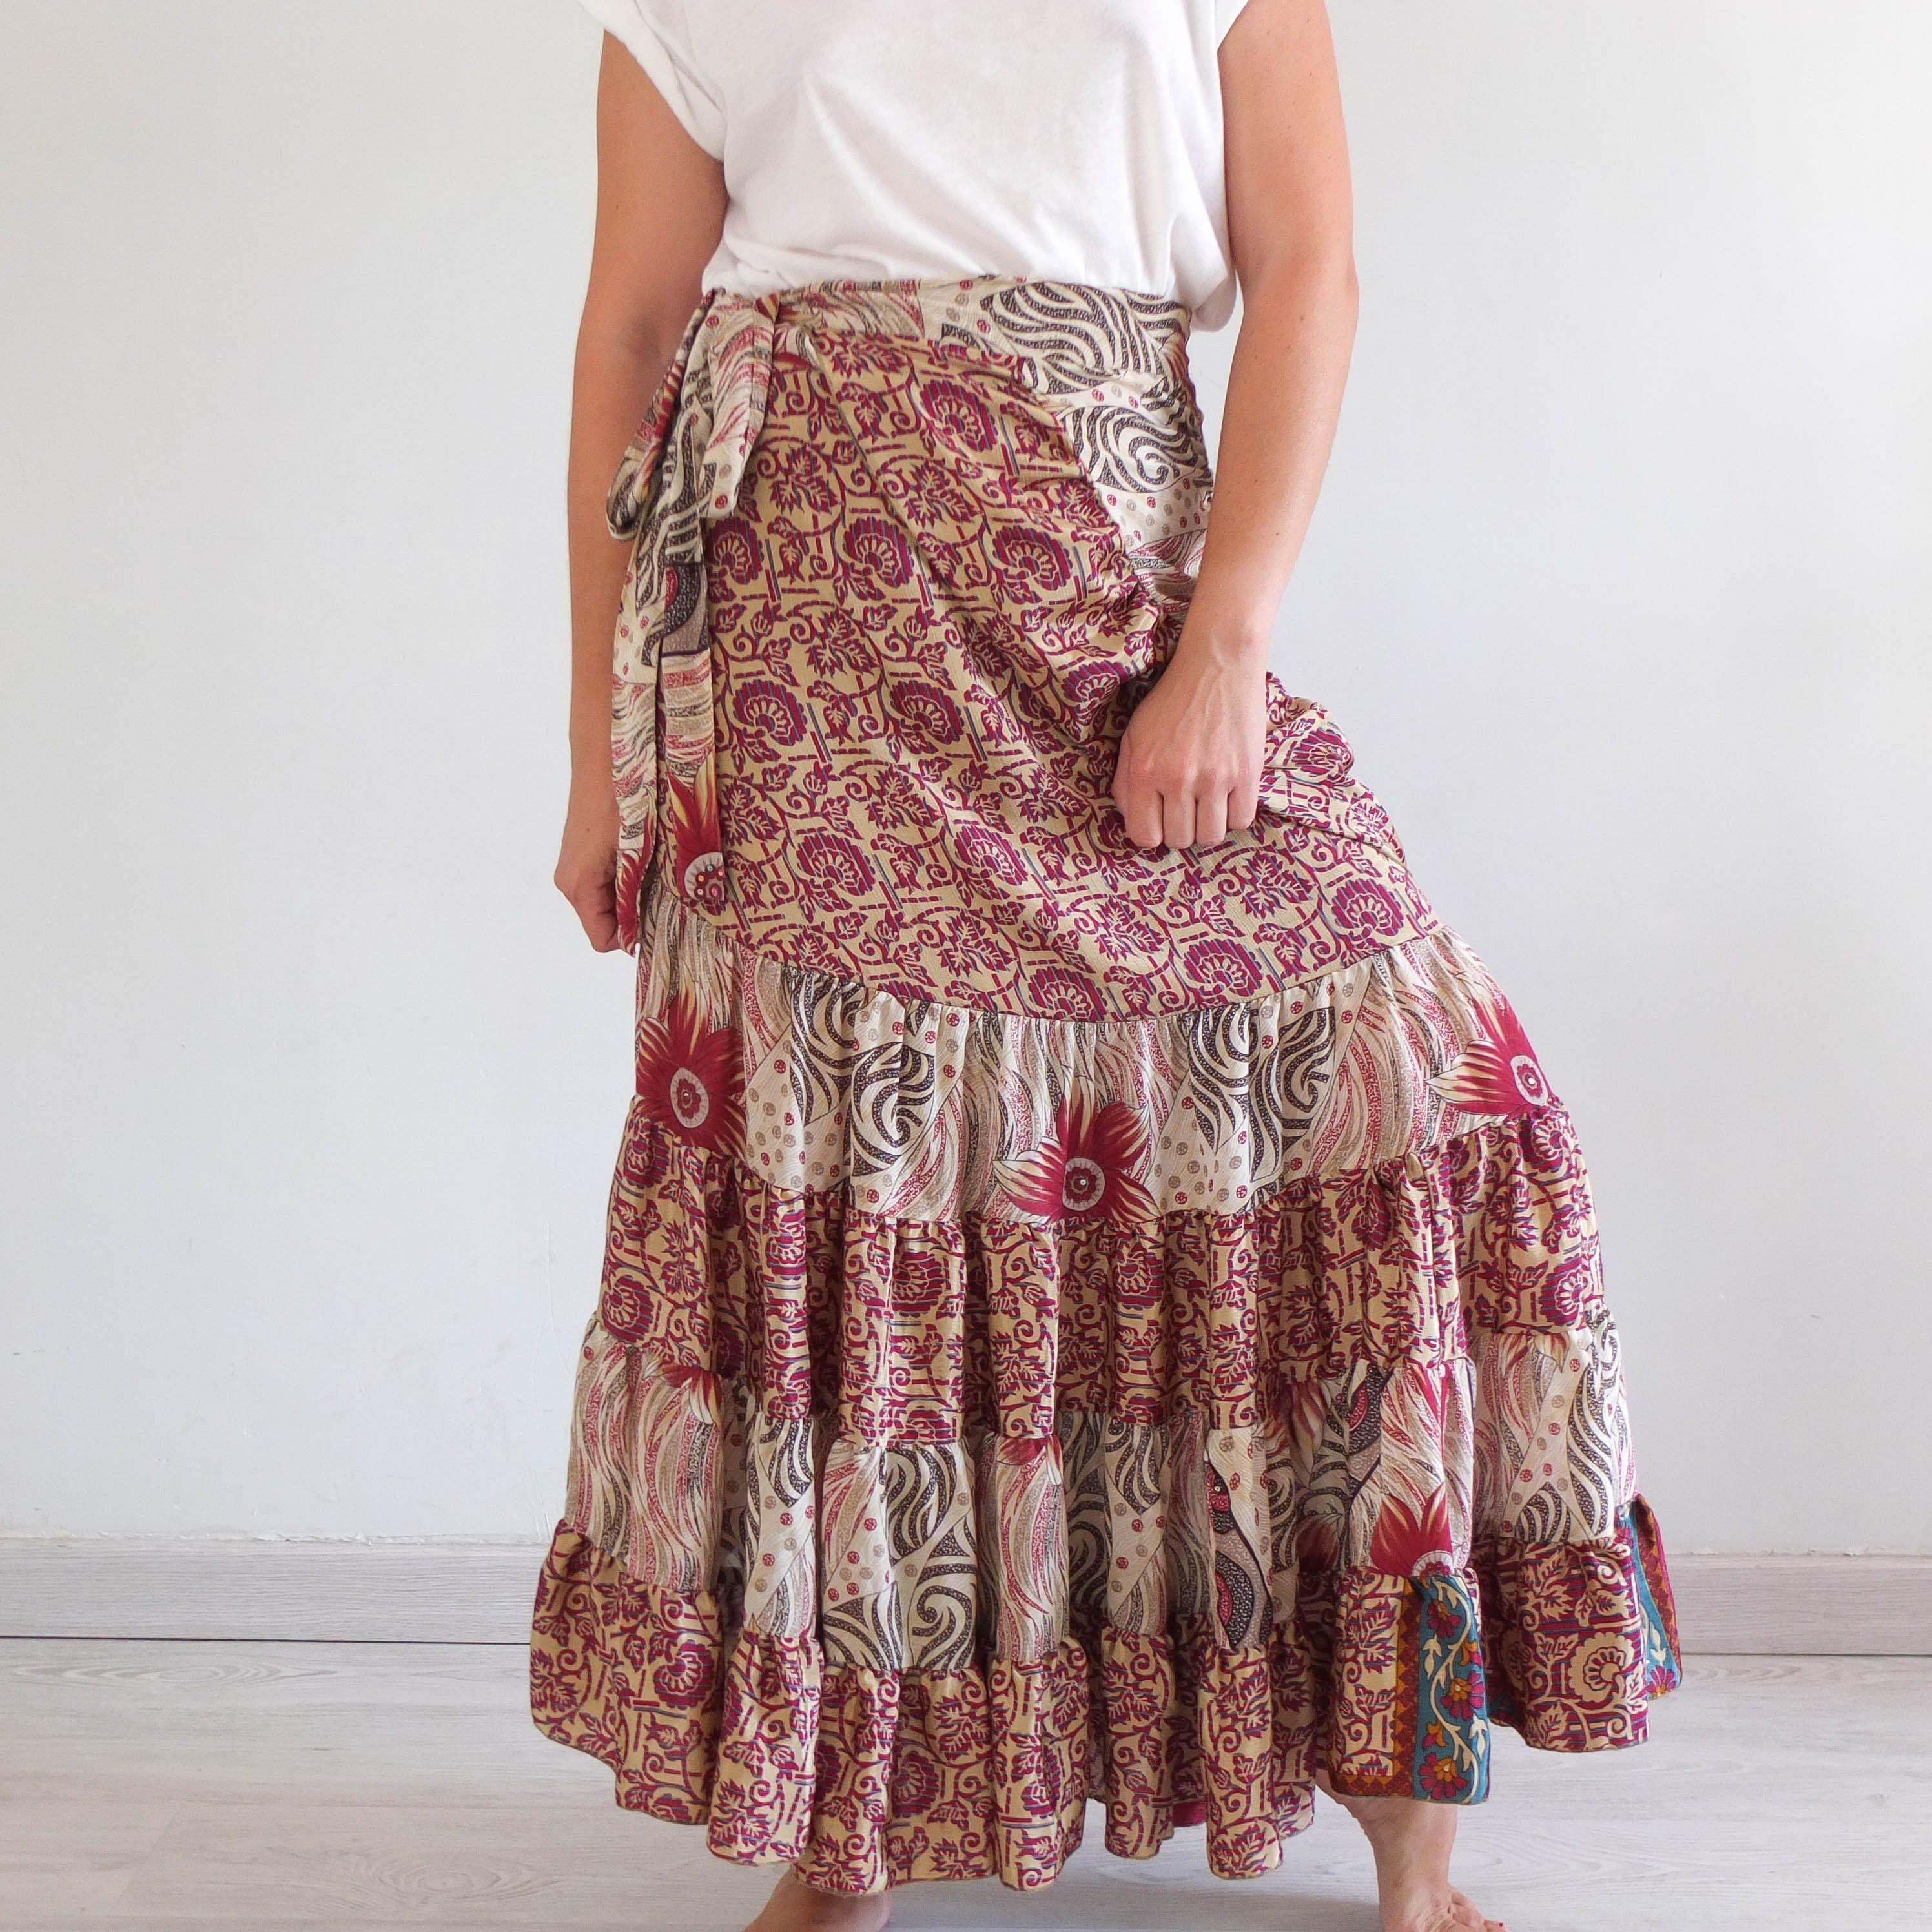 Vintage Red Daisy Print Skirt Small Summer Boho Skirt Spring Floral Midi Skirt